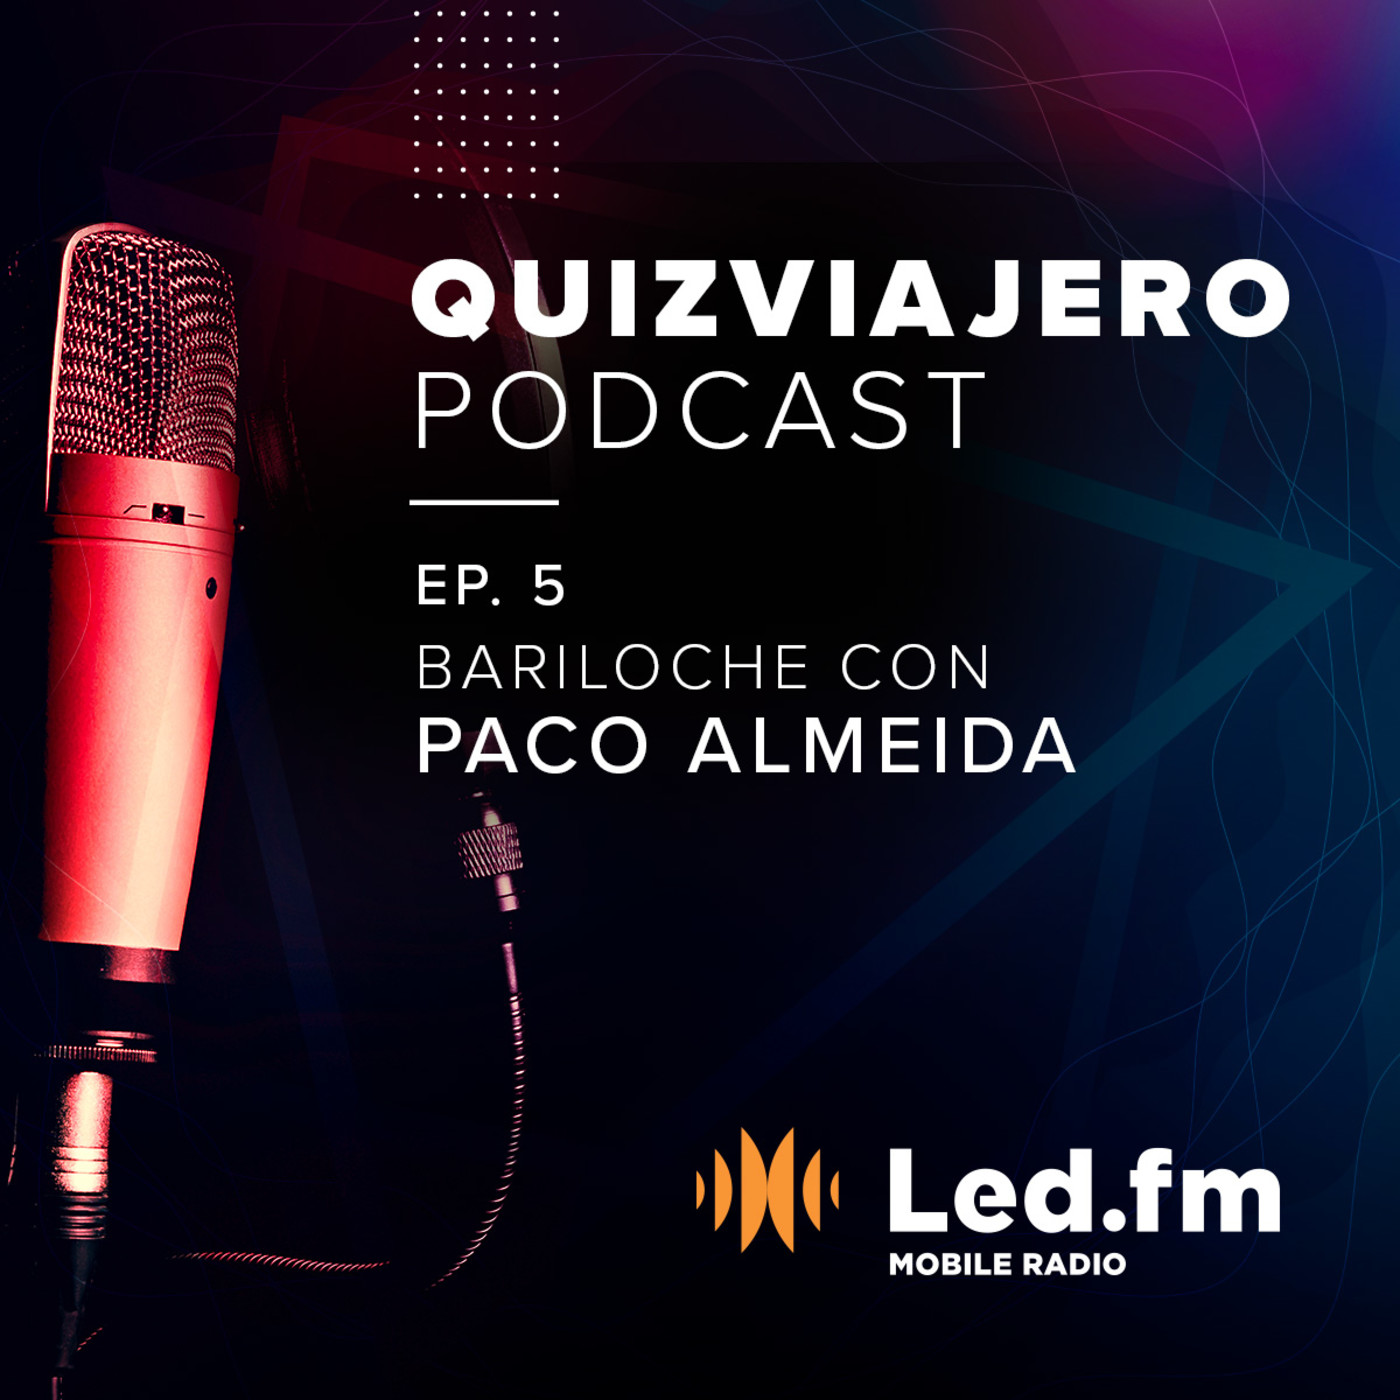 Quiz Viajero Podcast - Episodio 05: Bariloche